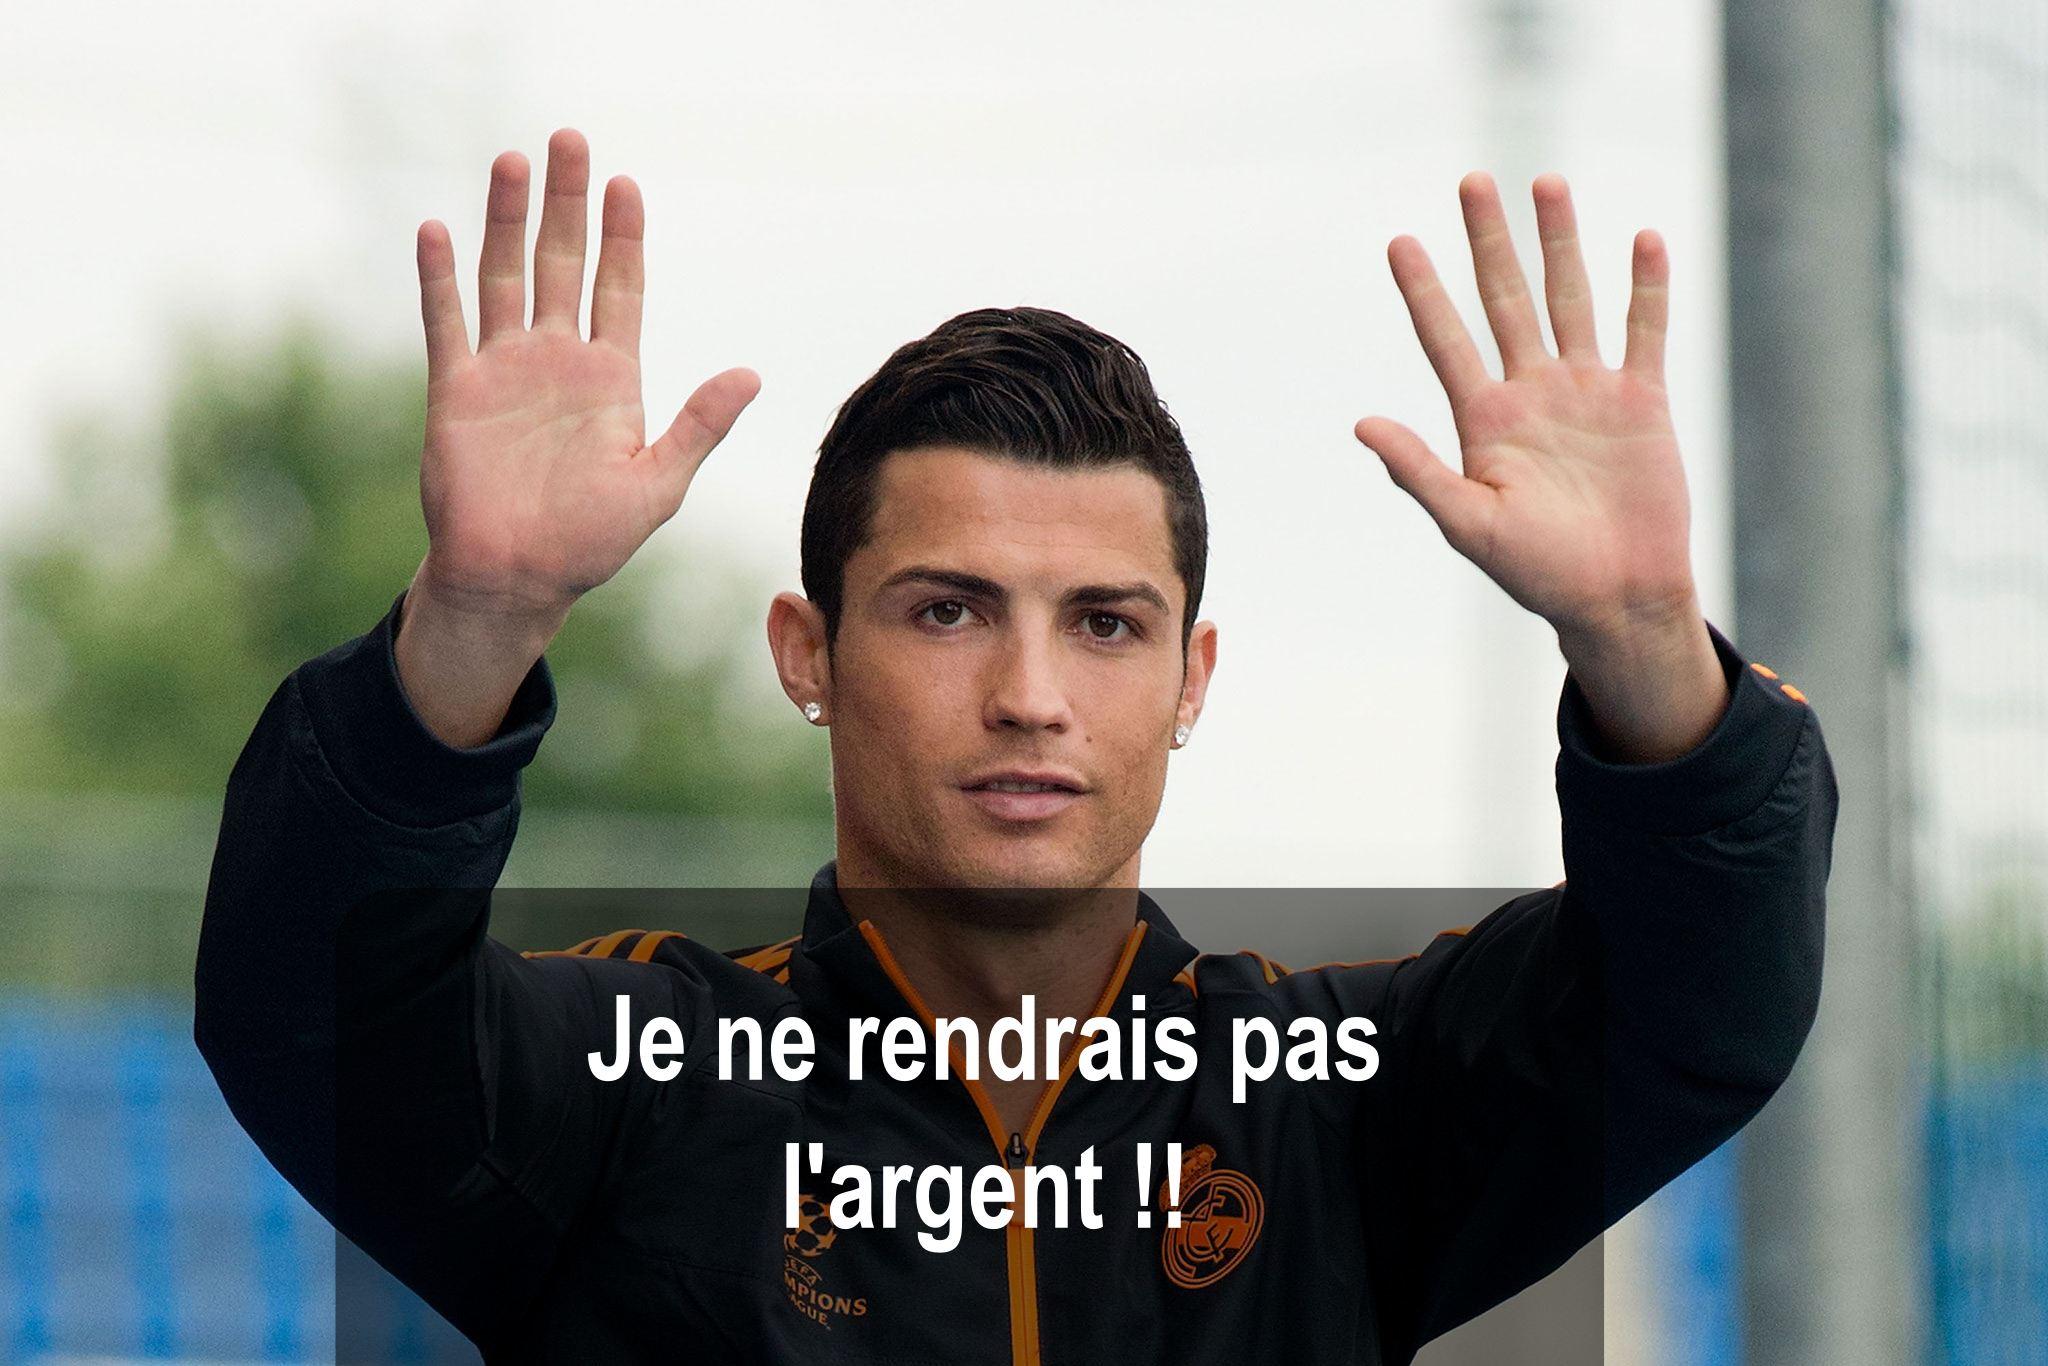 Cristiano Ronaldo rejoint le Racing Club Luxembourg pour éviter de payer ses impots à l'Espagne